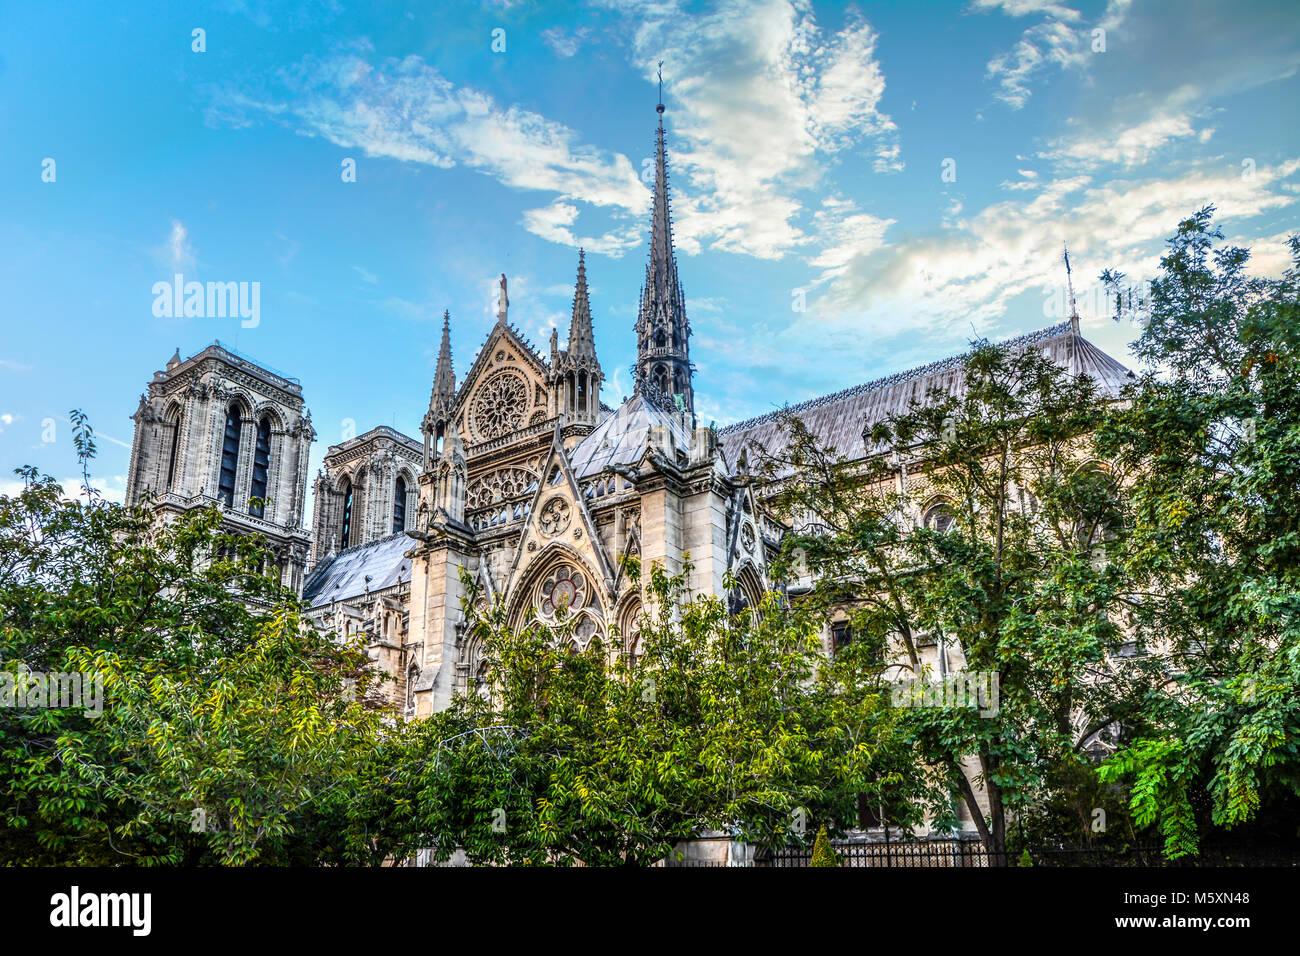 La raffinata architettura gotica e guglie sul lato della cattedrale di Notre Dame di Parigi Francia su una soleggiata Immagini Stock